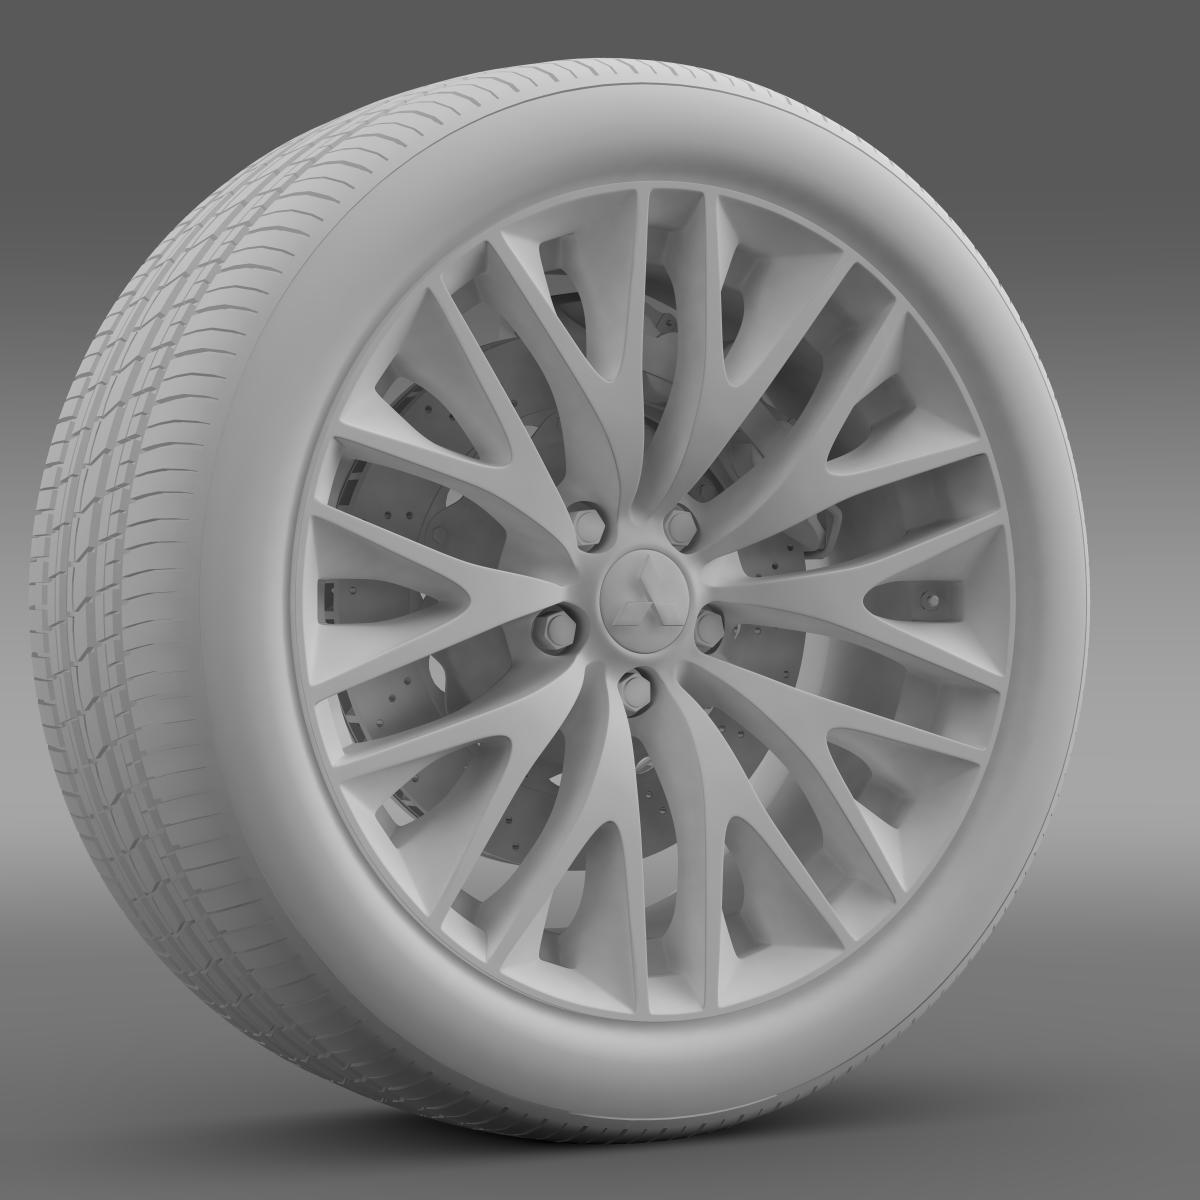 mitsubishi dignity wheel 3d model 3ds max fbx c4d lwo ma mb hrc xsi obj 210806